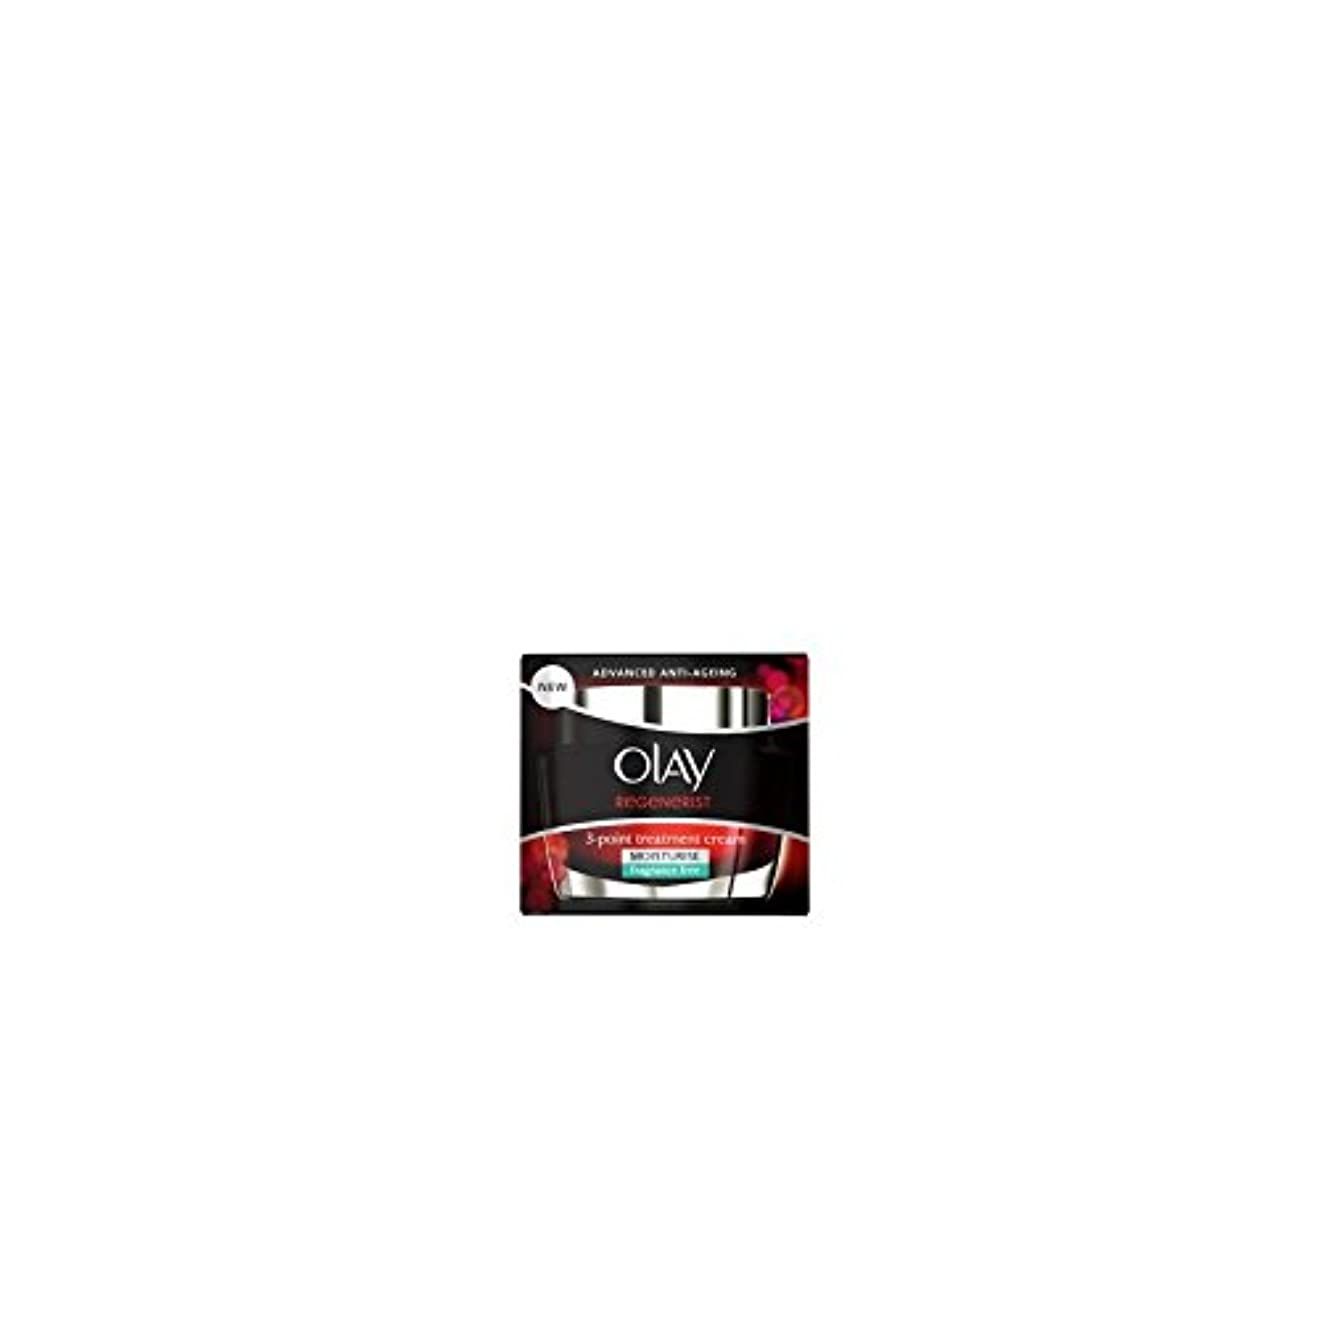 ビリー好み赤外線オーレイリジェネ3ポイントトリートメントクリーム(無香料)(50ミリリットル) x4 - Olay Regenerist 3 Point Treatment Cream (Fragrance Free) (50ml) (...